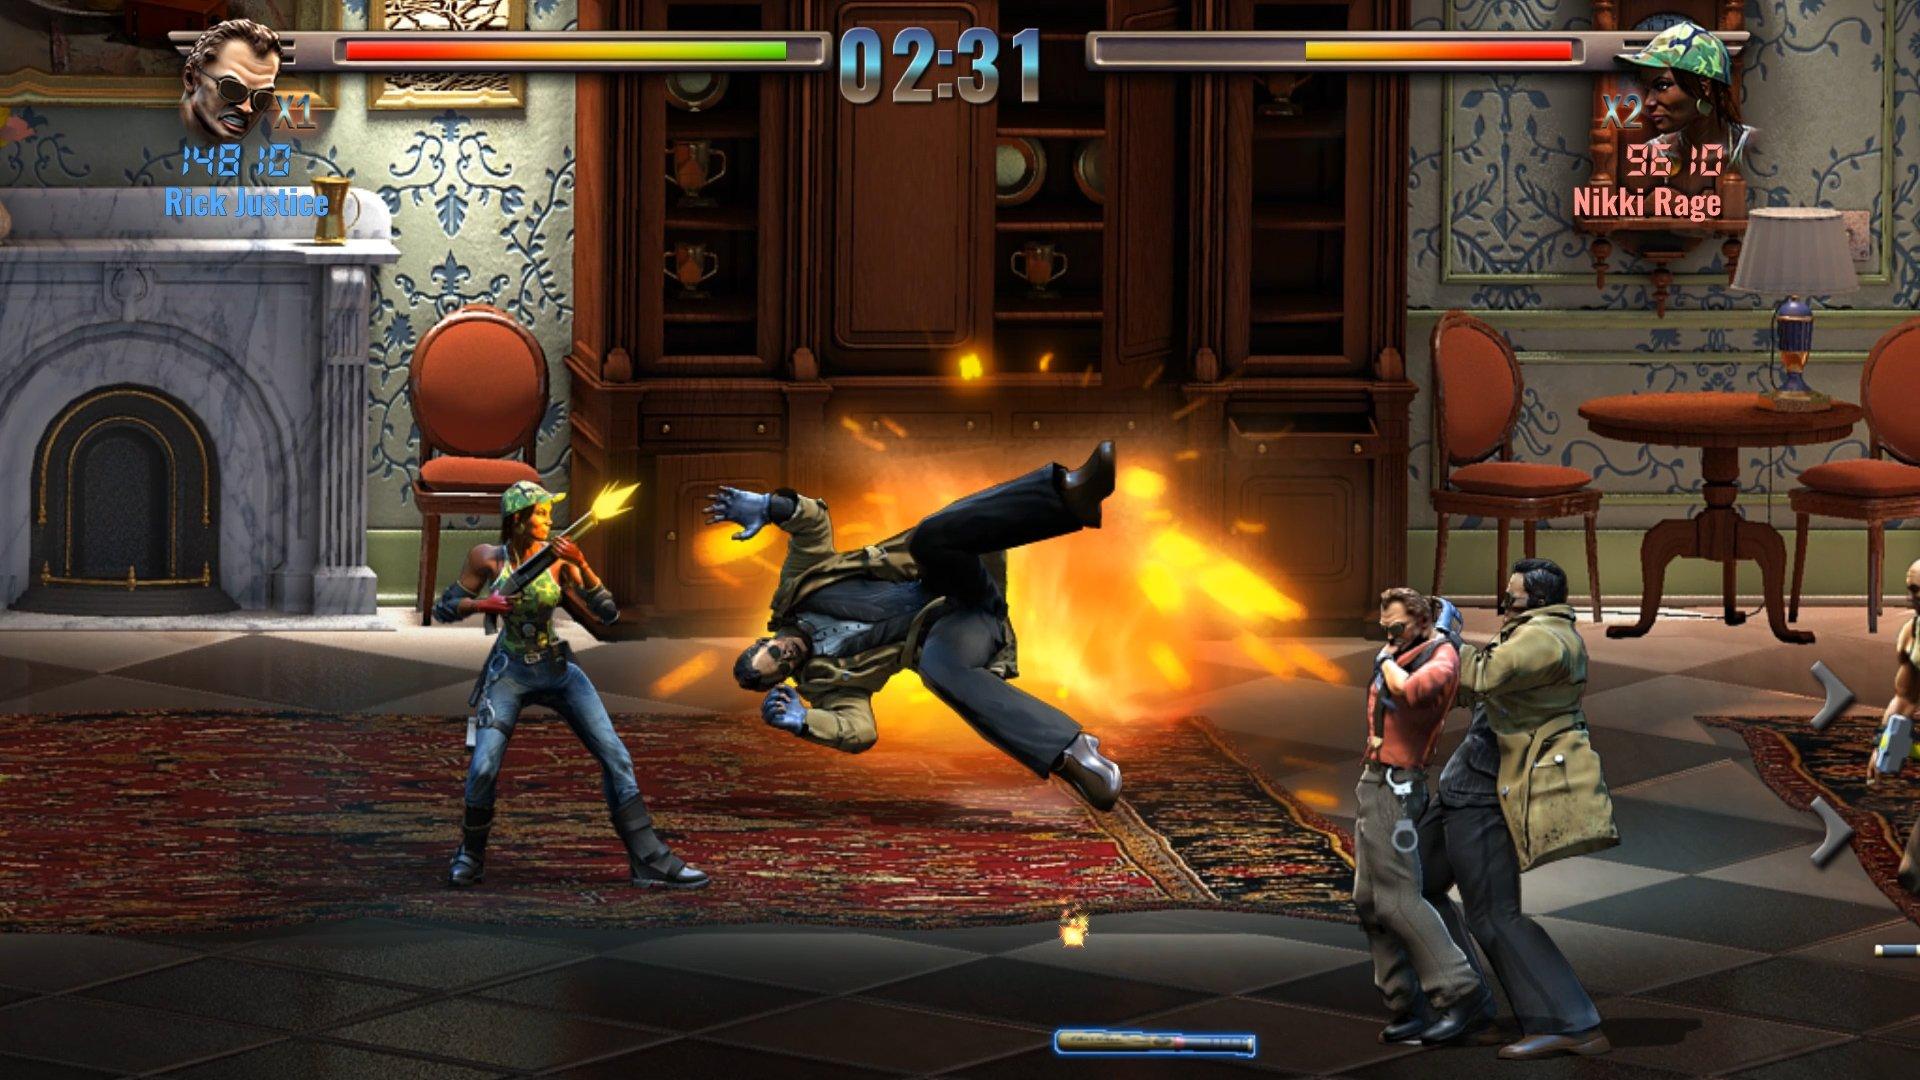 Shot-Gun-Hype-raging-justice